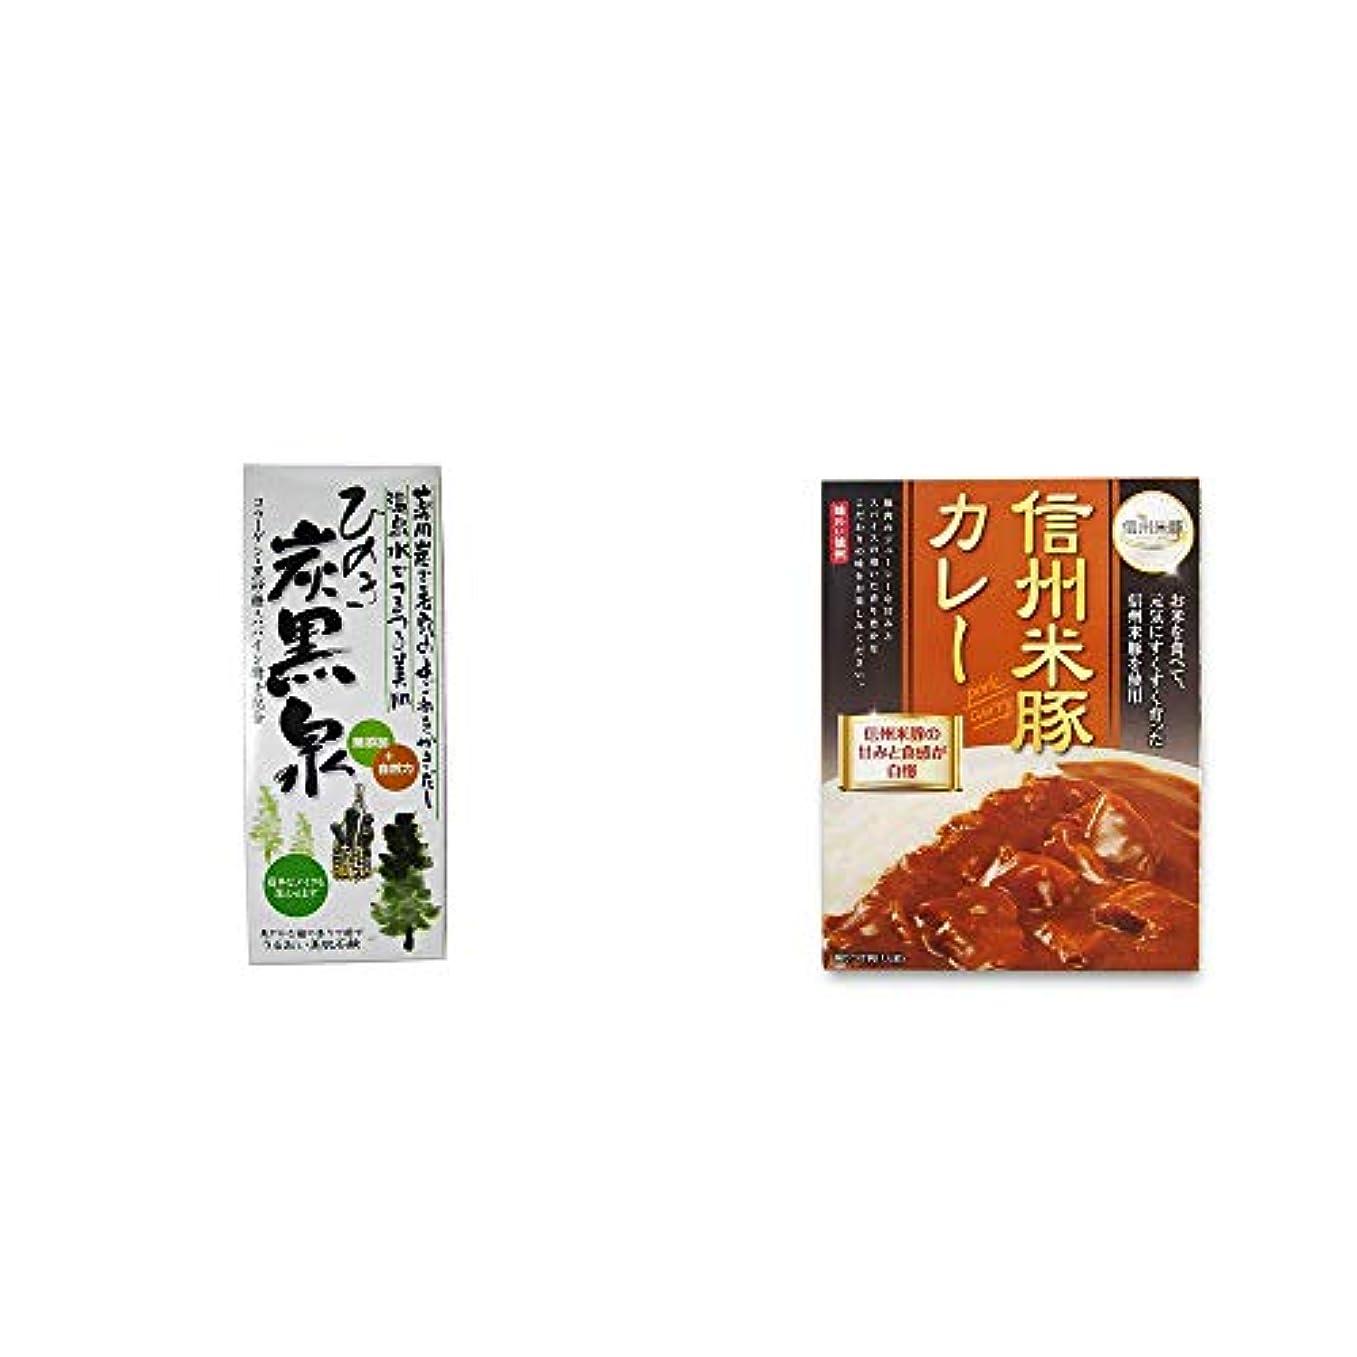 ニュース深く断片[2点セット] ひのき炭黒泉 箱入り(75g×3)?信州米豚カレー(1食分)